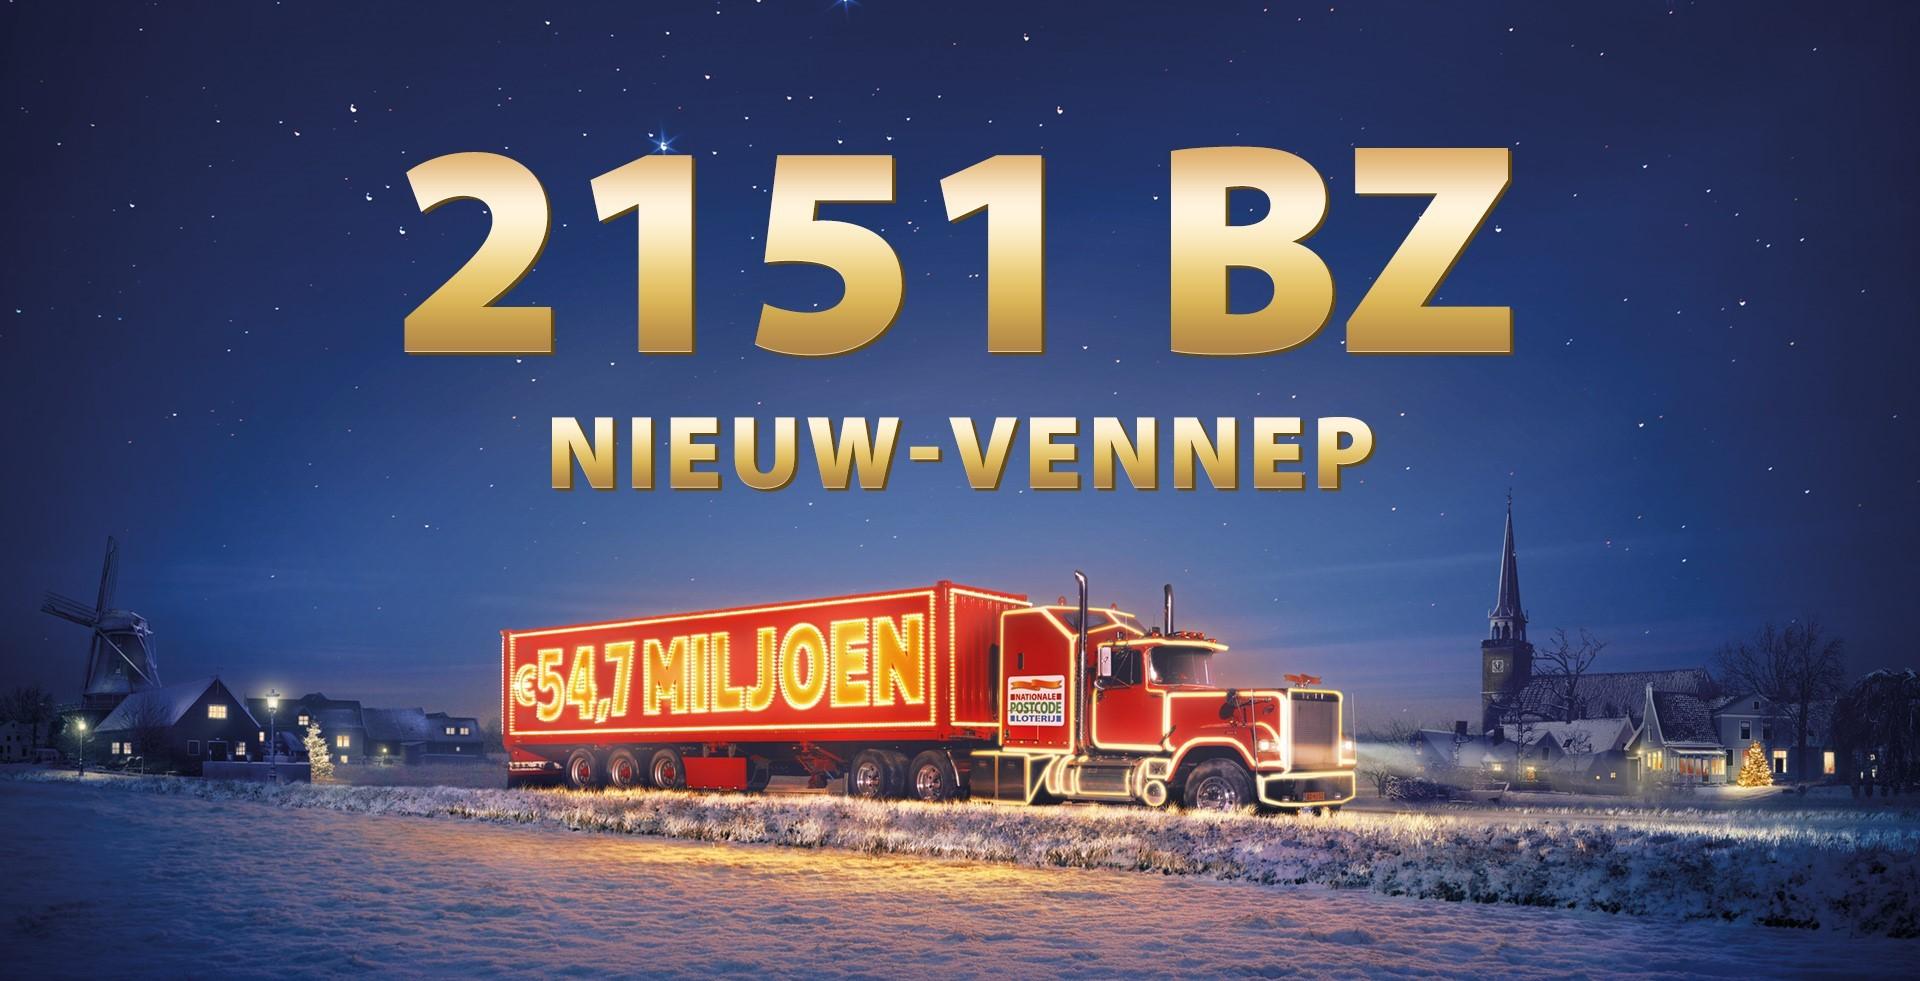 Nieuw-Vennep-Postcodekanjer